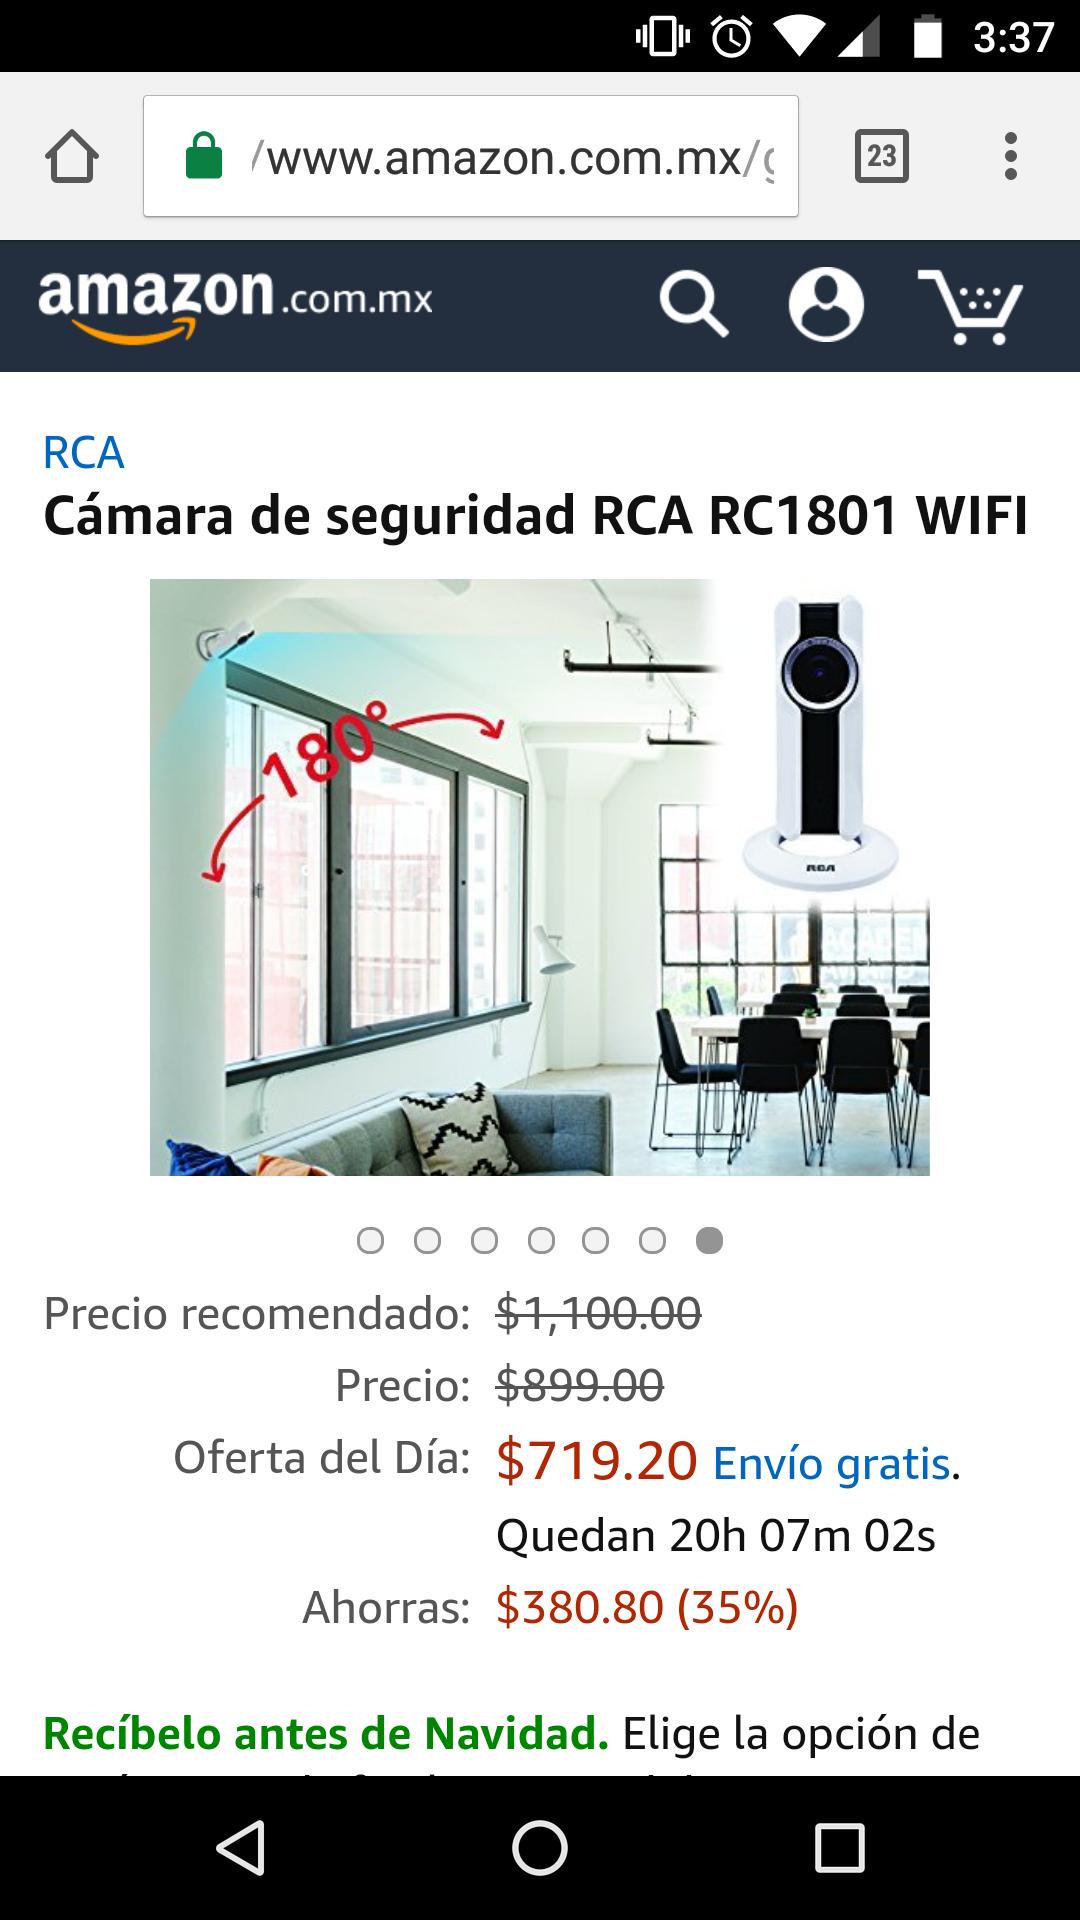 Amazon: Cámara de seguridad RCA RC1801 WIFI